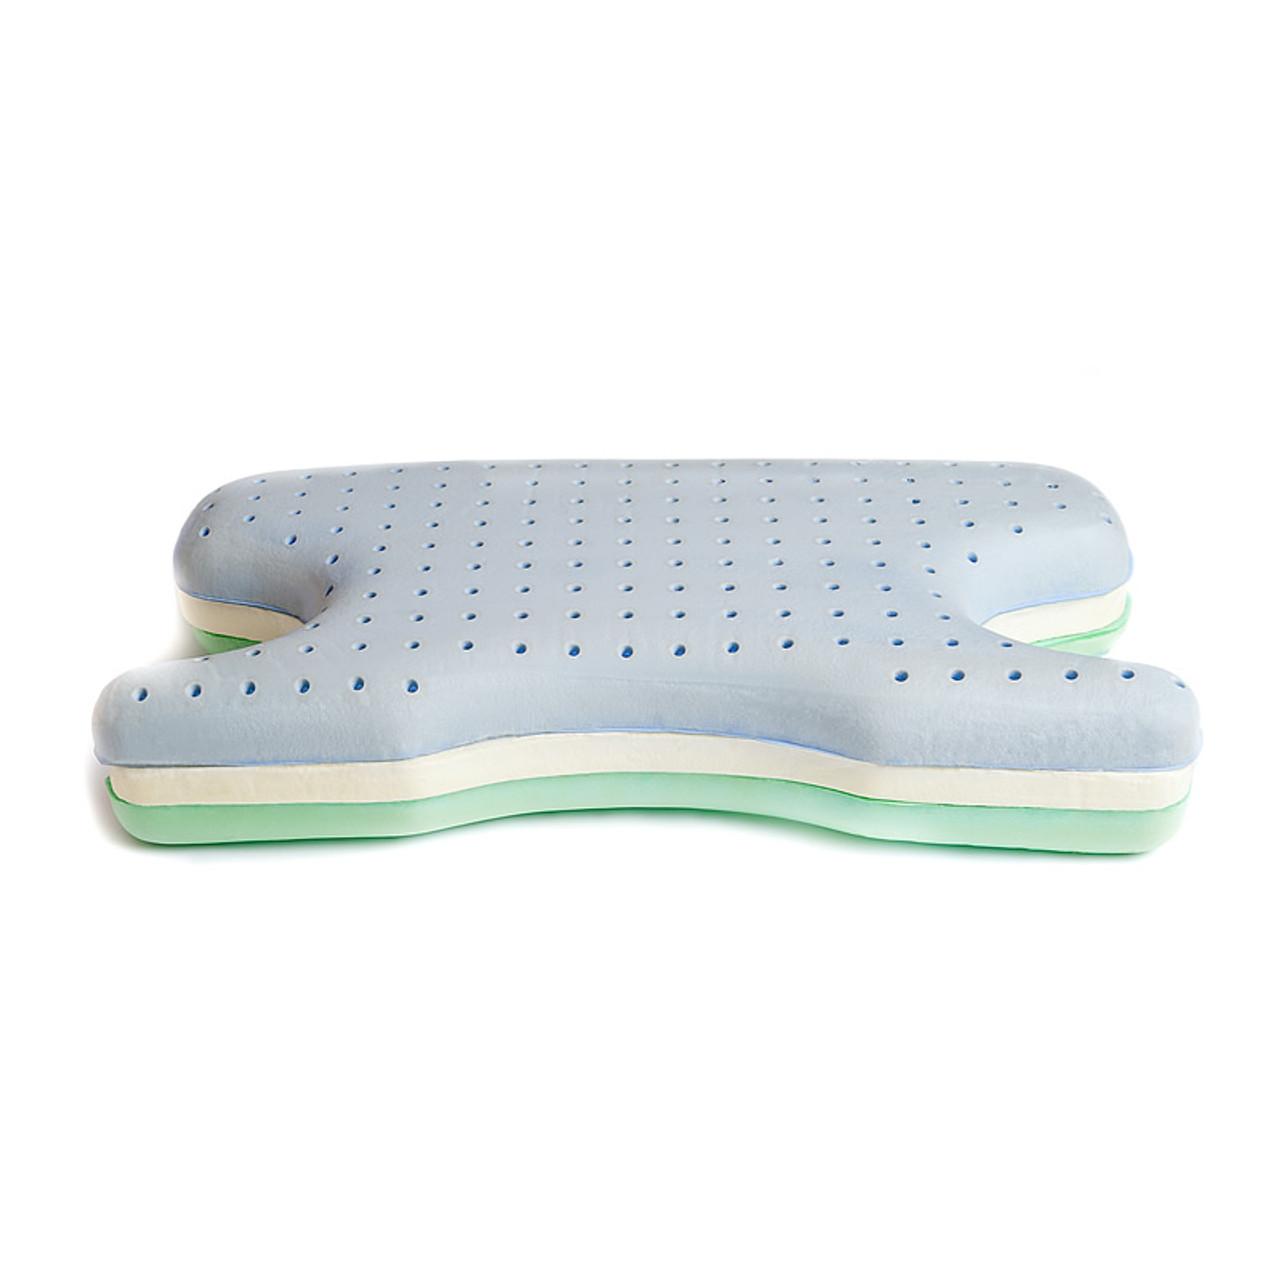 CPAP Memory Foam Pillow